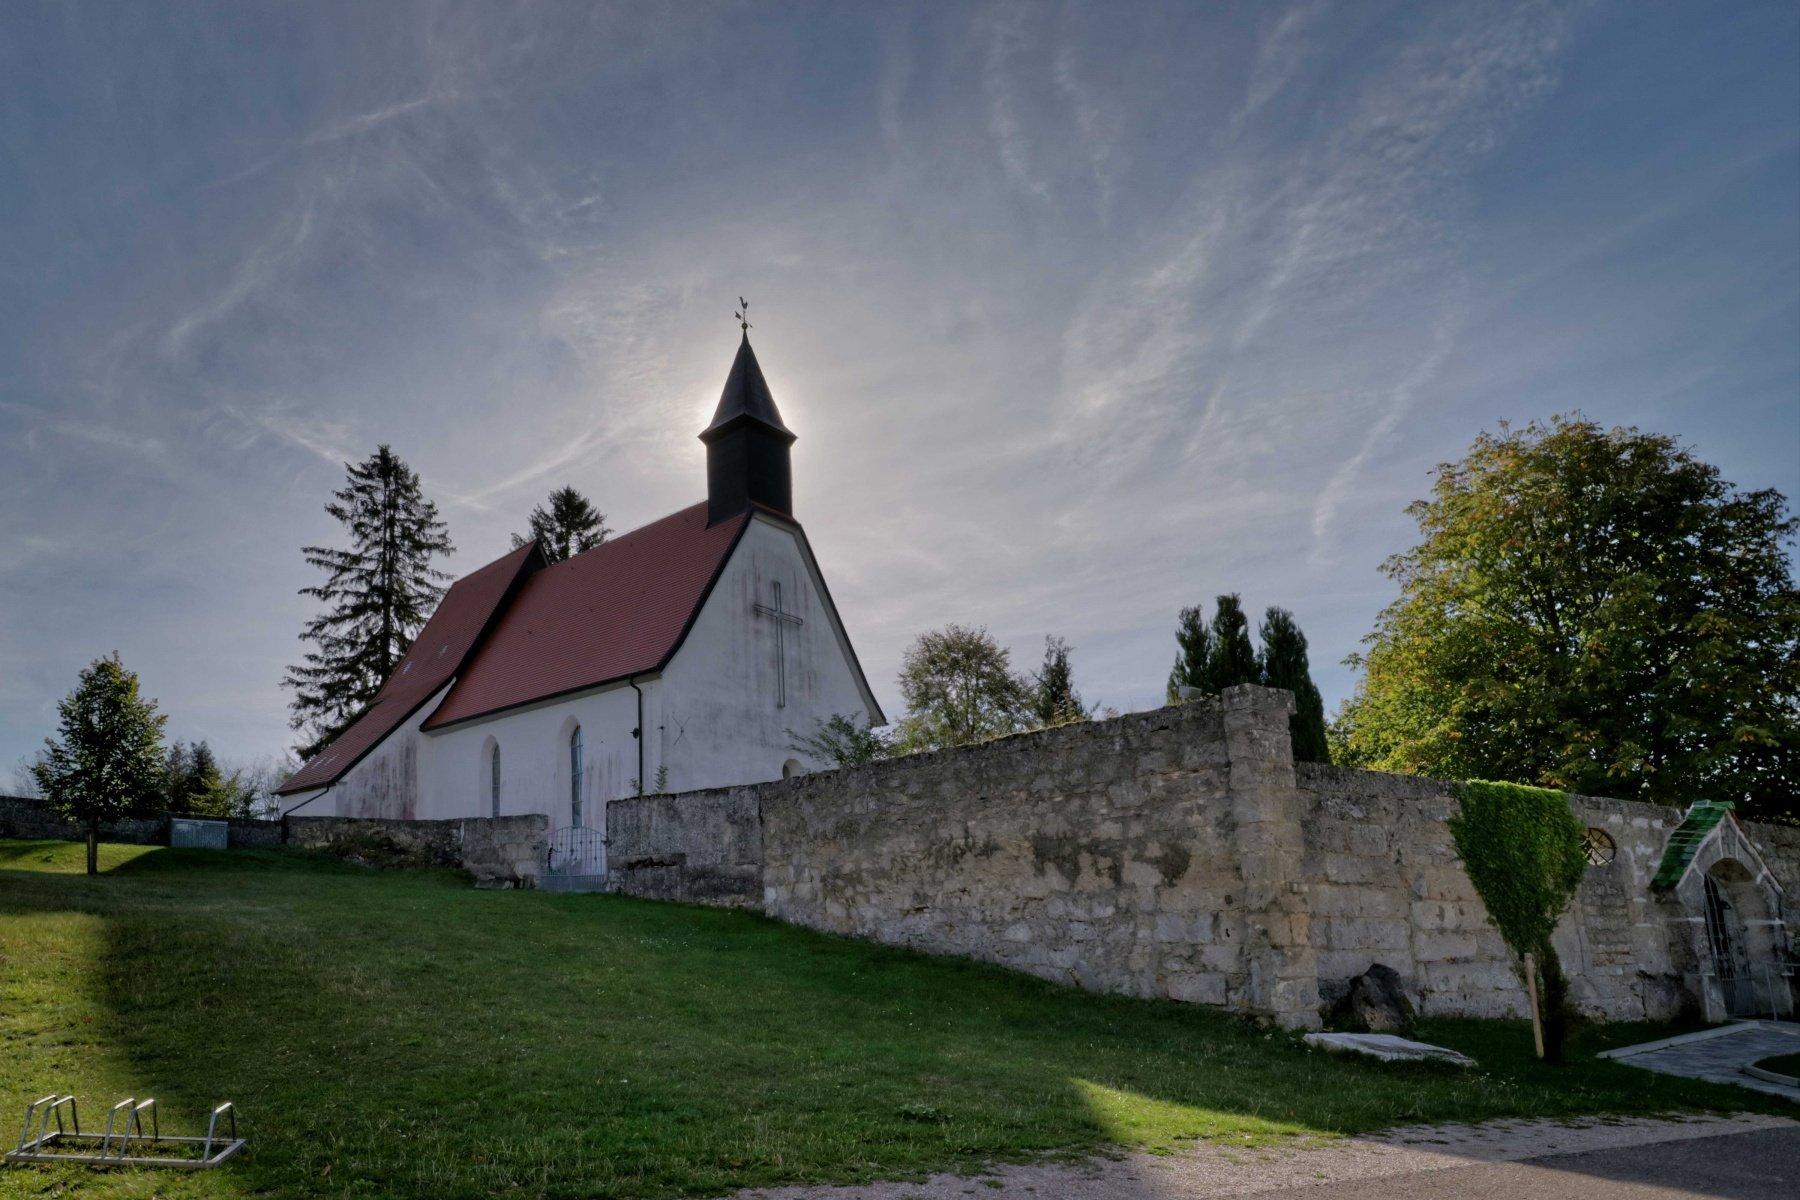 Eine Kirche, hinter deren Kirchturm die Sonne strahlt. Die Kirche hat ein großes Kreuz auf der Fassade. Davor ist eine Steinmauer.